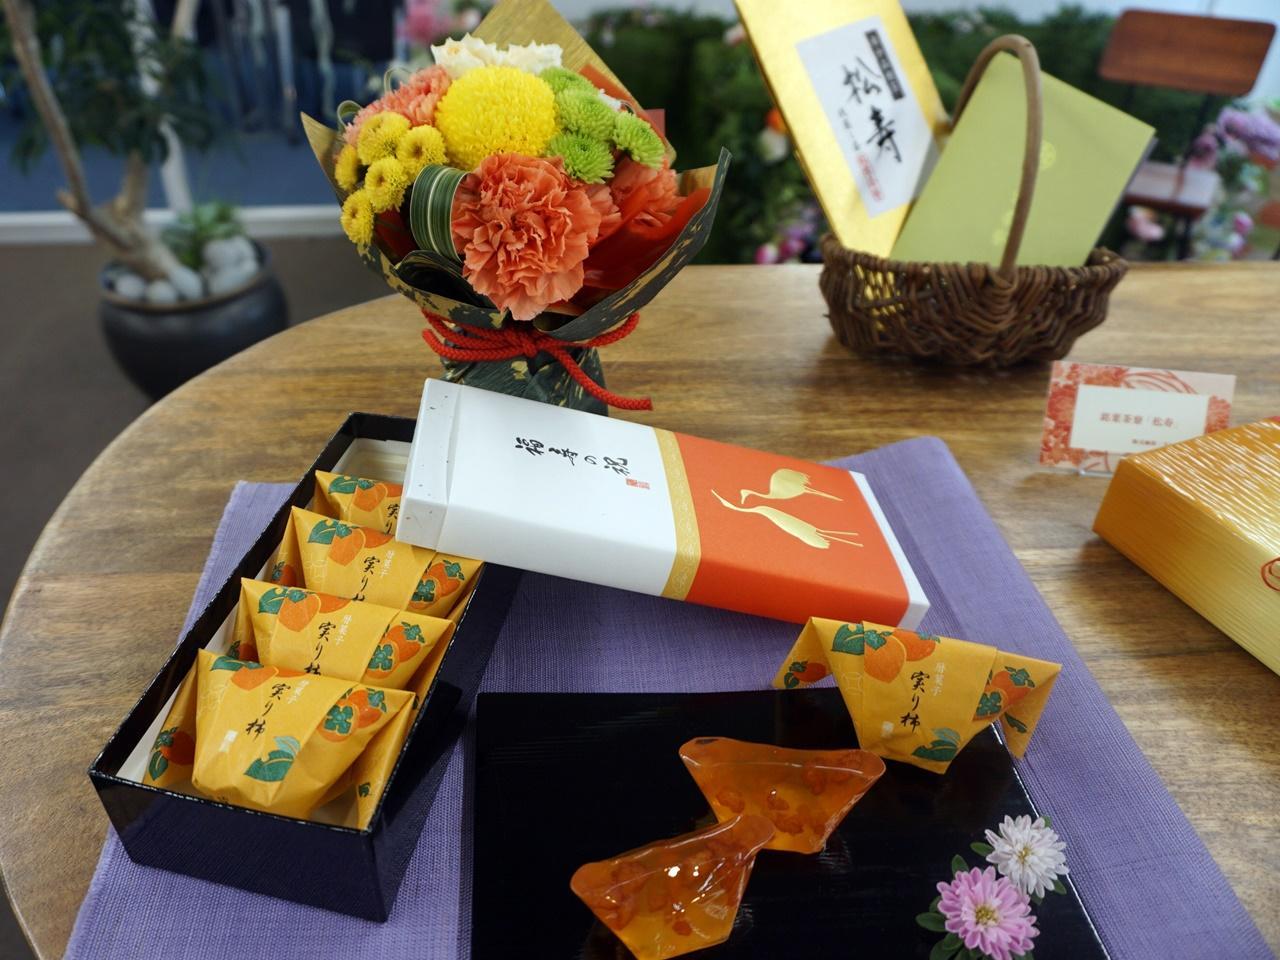 敬老の日 日本橋屋長兵衛「暦菓子 実り柿」とそのまま飾れるブーケのセット プラス銘葉茶寮「松寿」